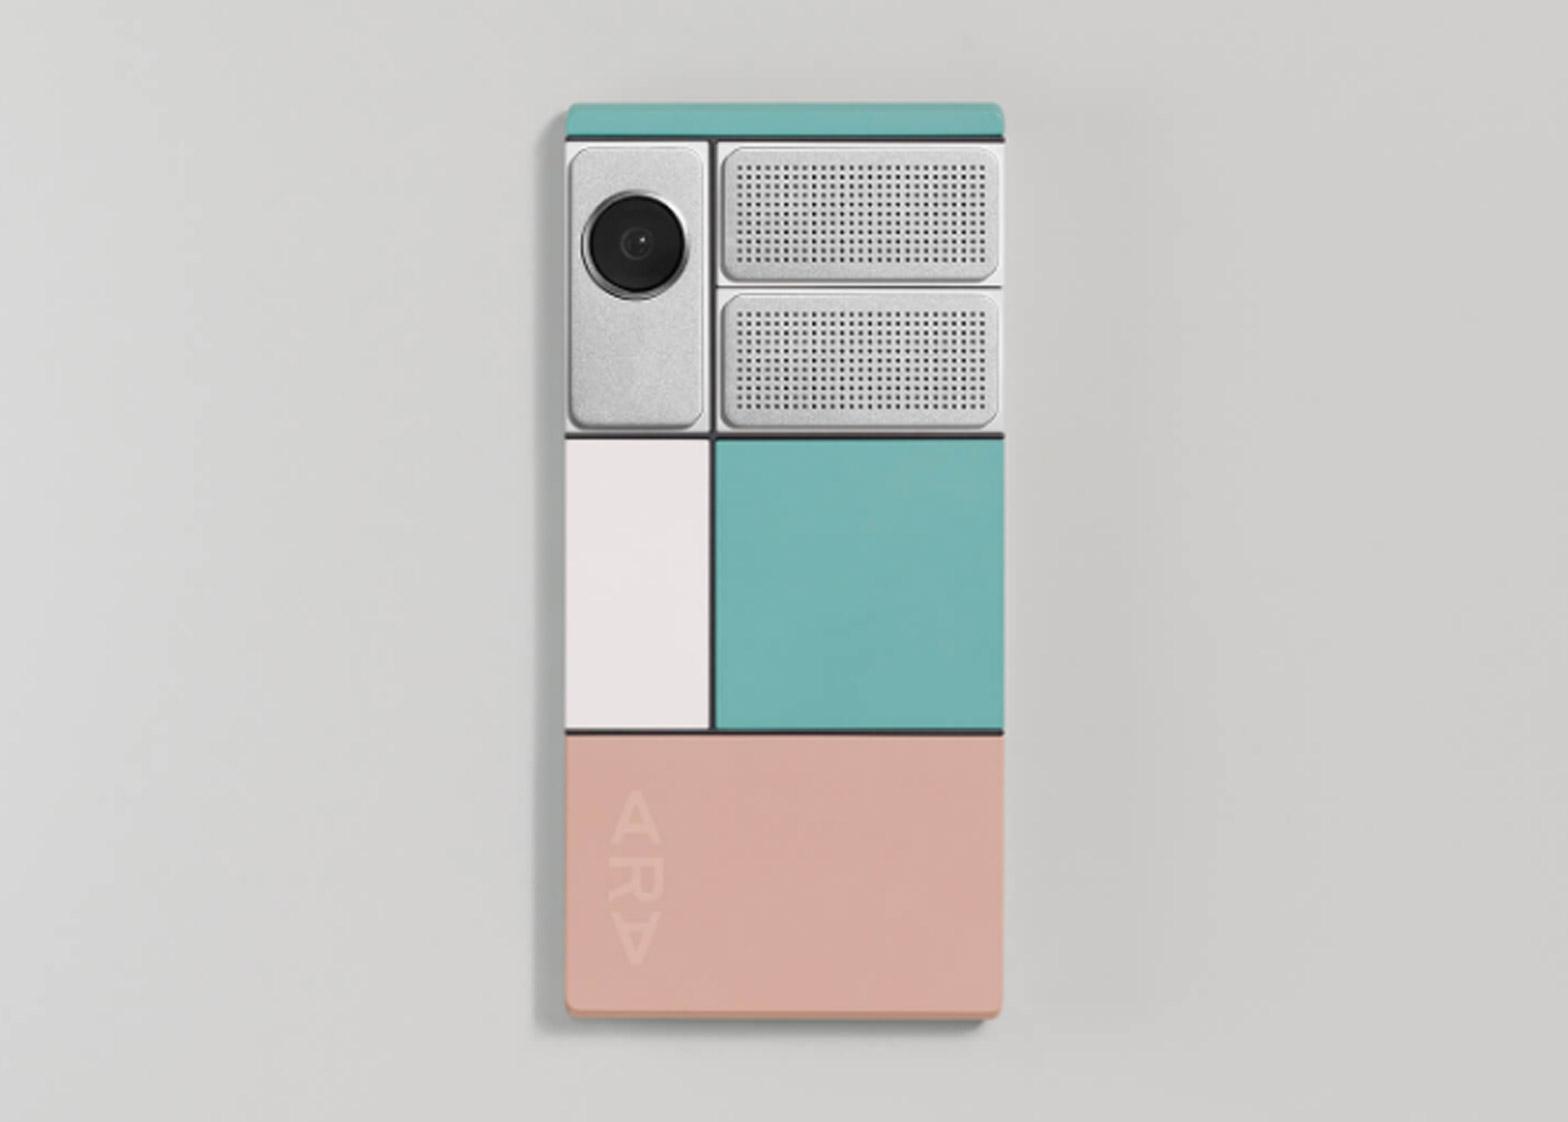 phone-project-ara-modular-smart-phone-google-alphabet-design-technology-news_dezeen_1568_2.jpg